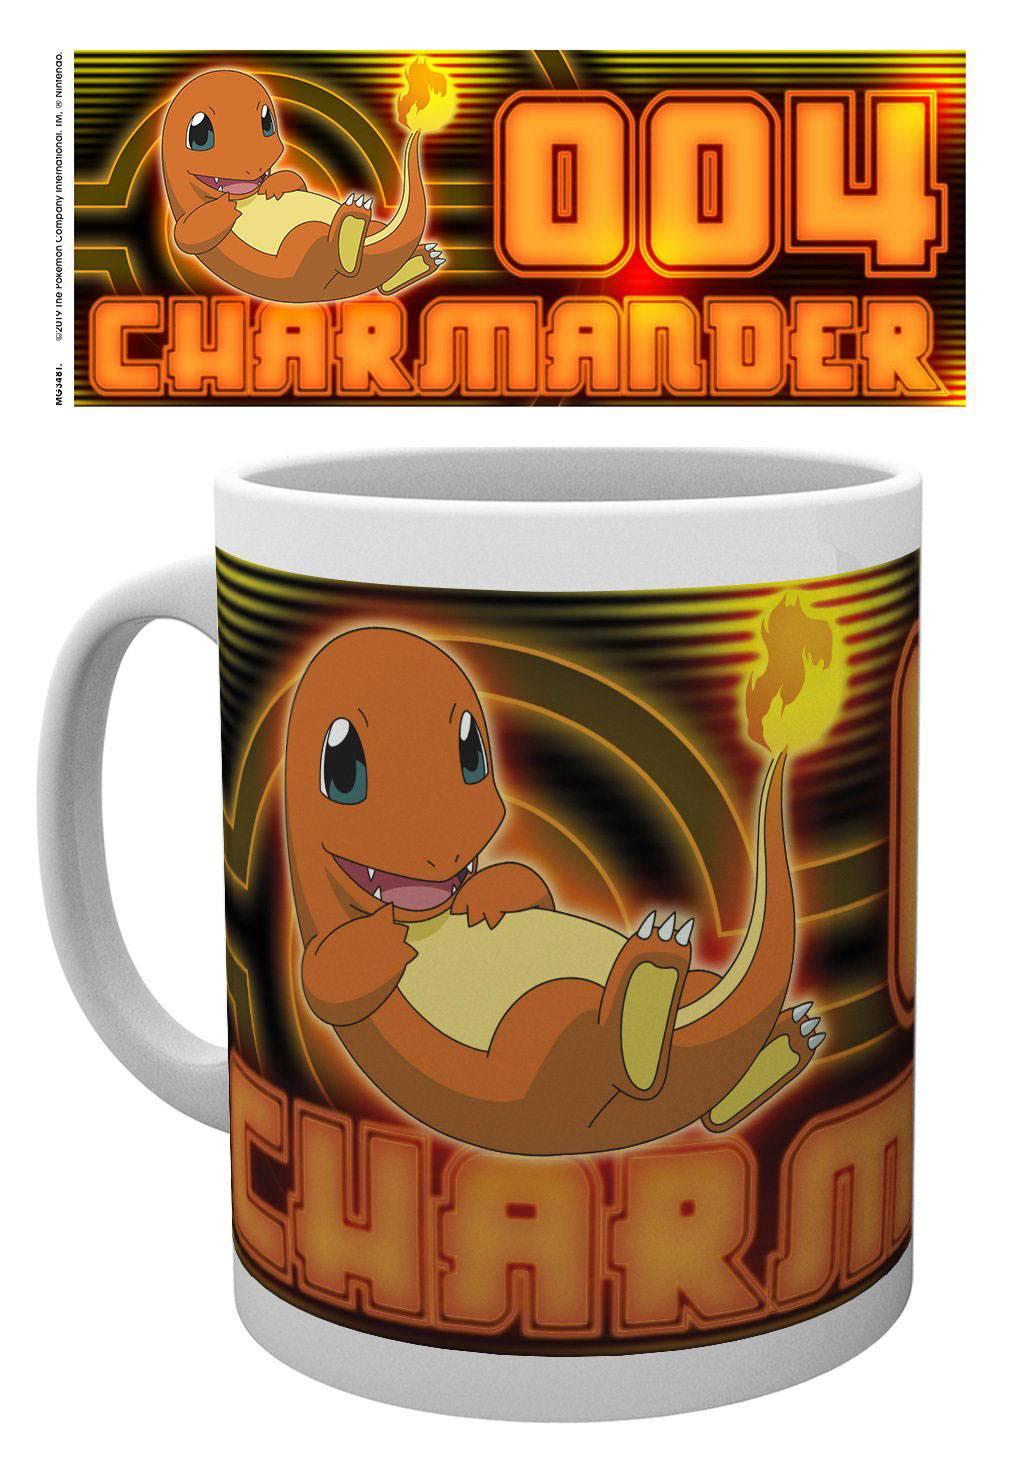 Pokémon Mug Charmander Glow